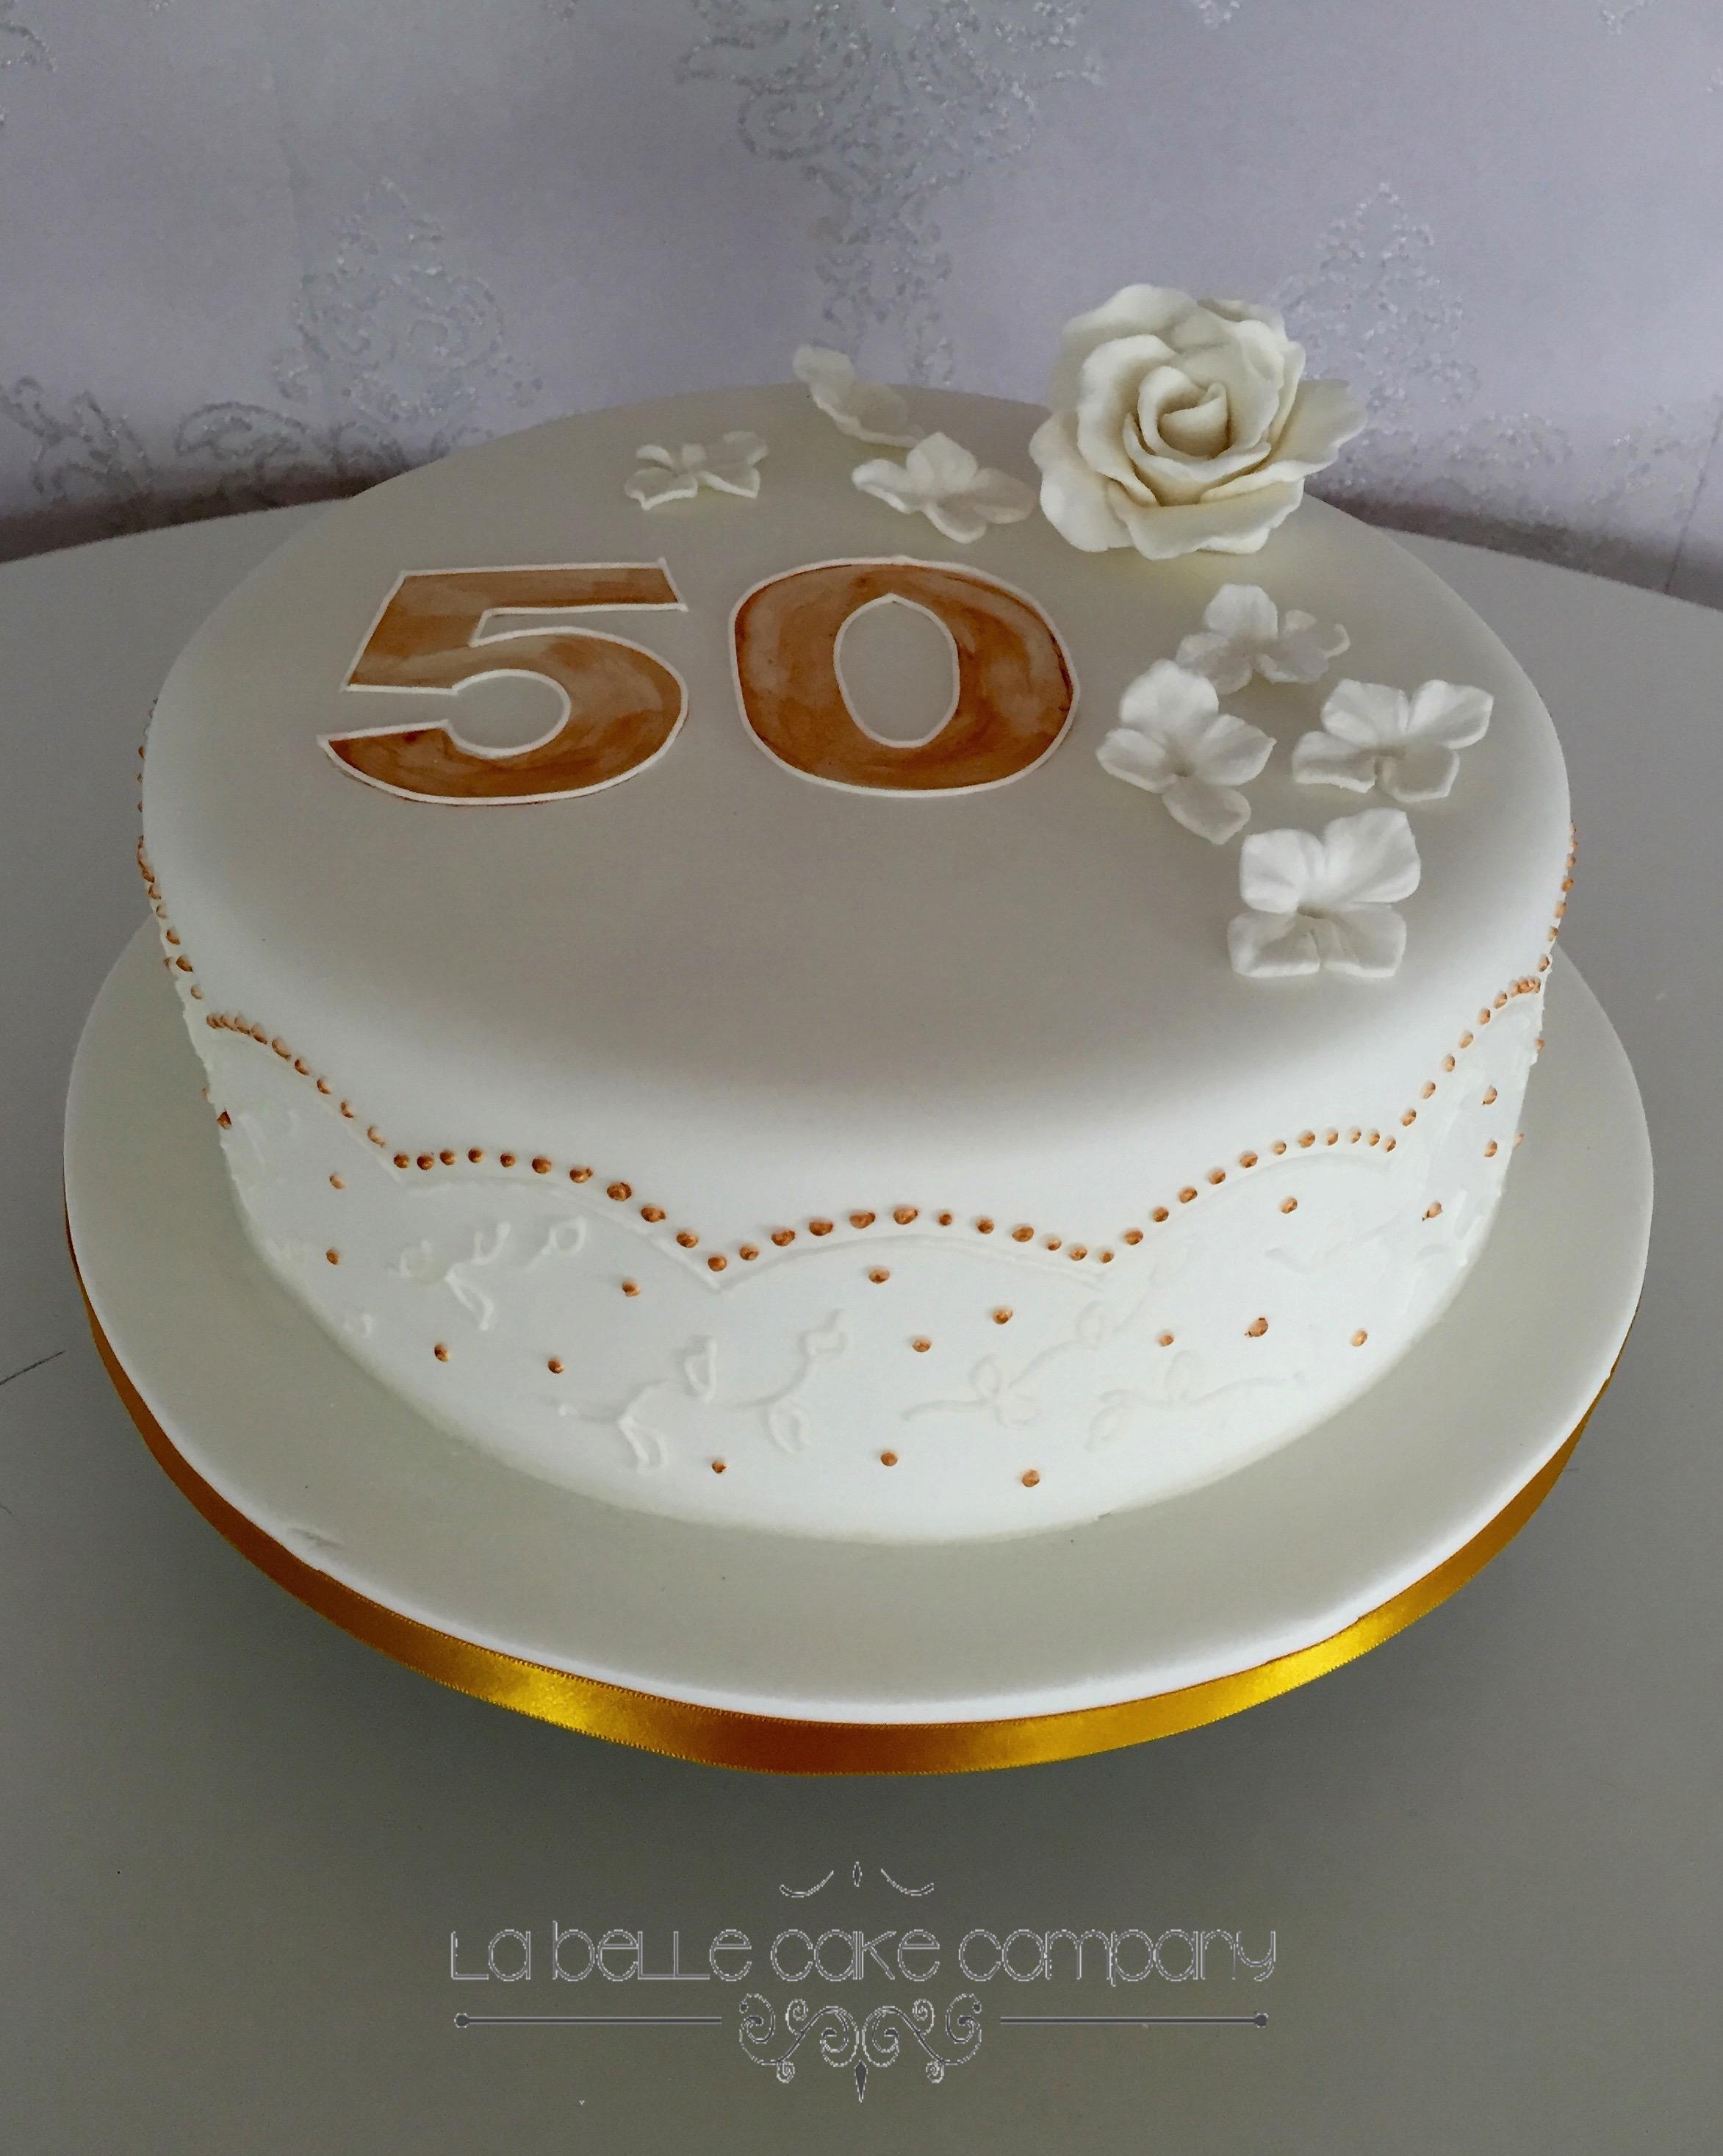 Female Birthday Cakes Bedfordshire Hertfordshire London